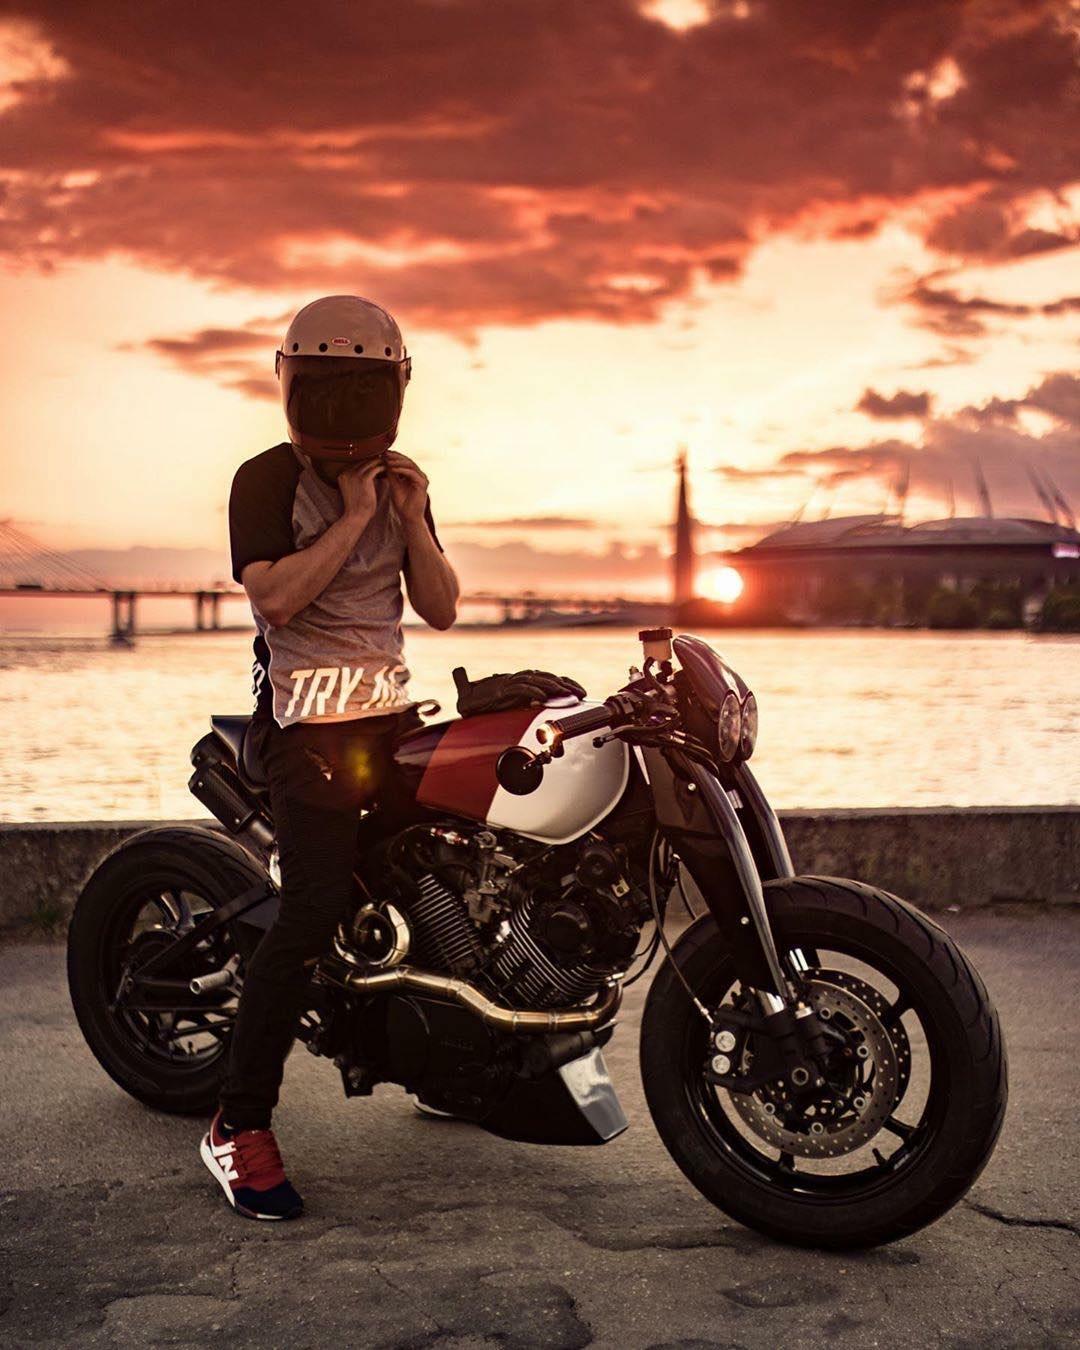 man on motorcycle sunset